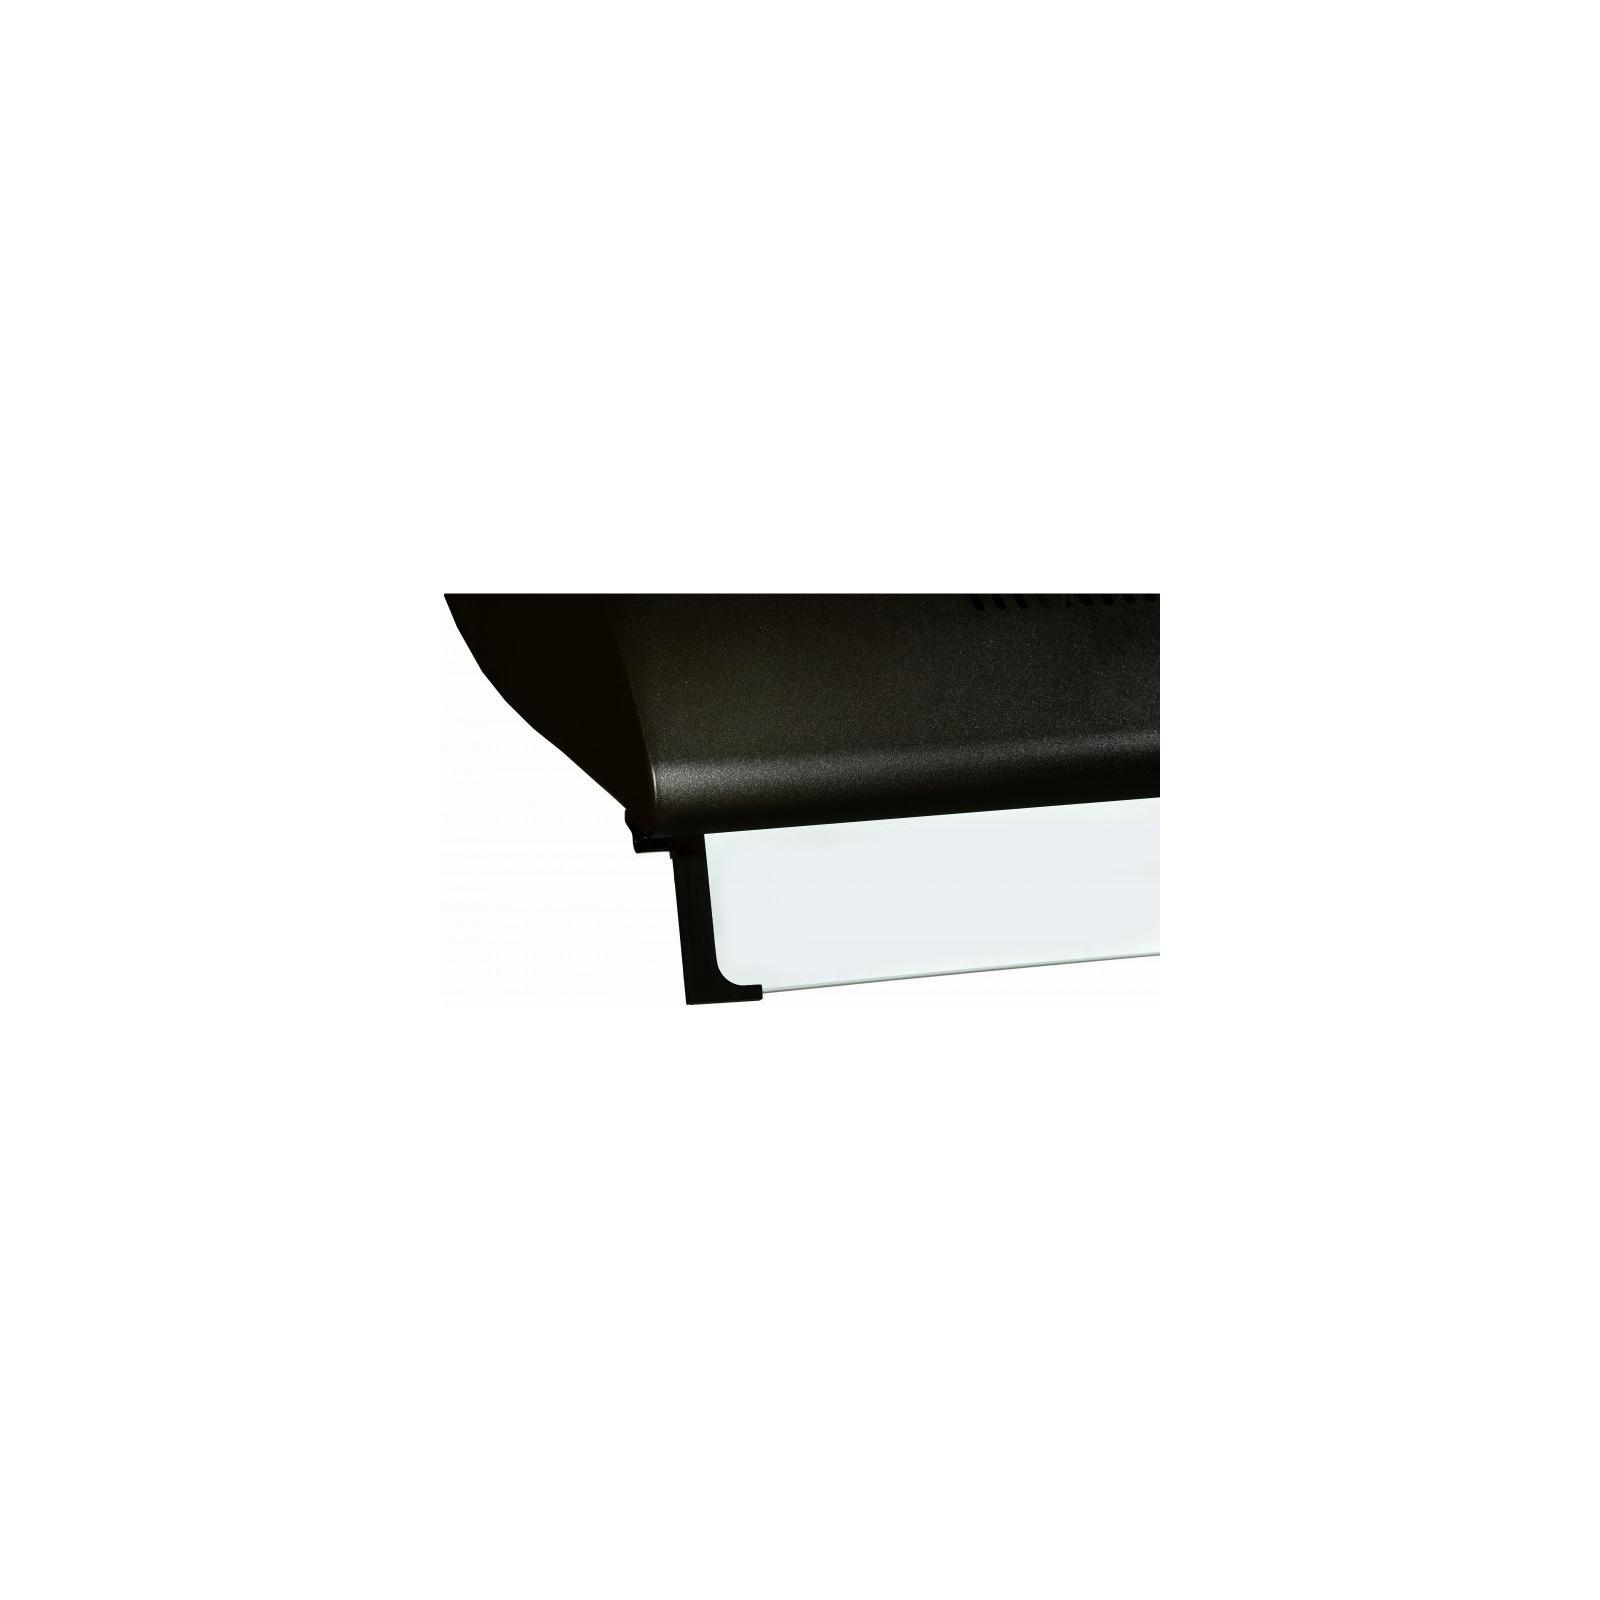 Вытяжка кухонная MINOLA HPL 6140 BL 630 изображение 4